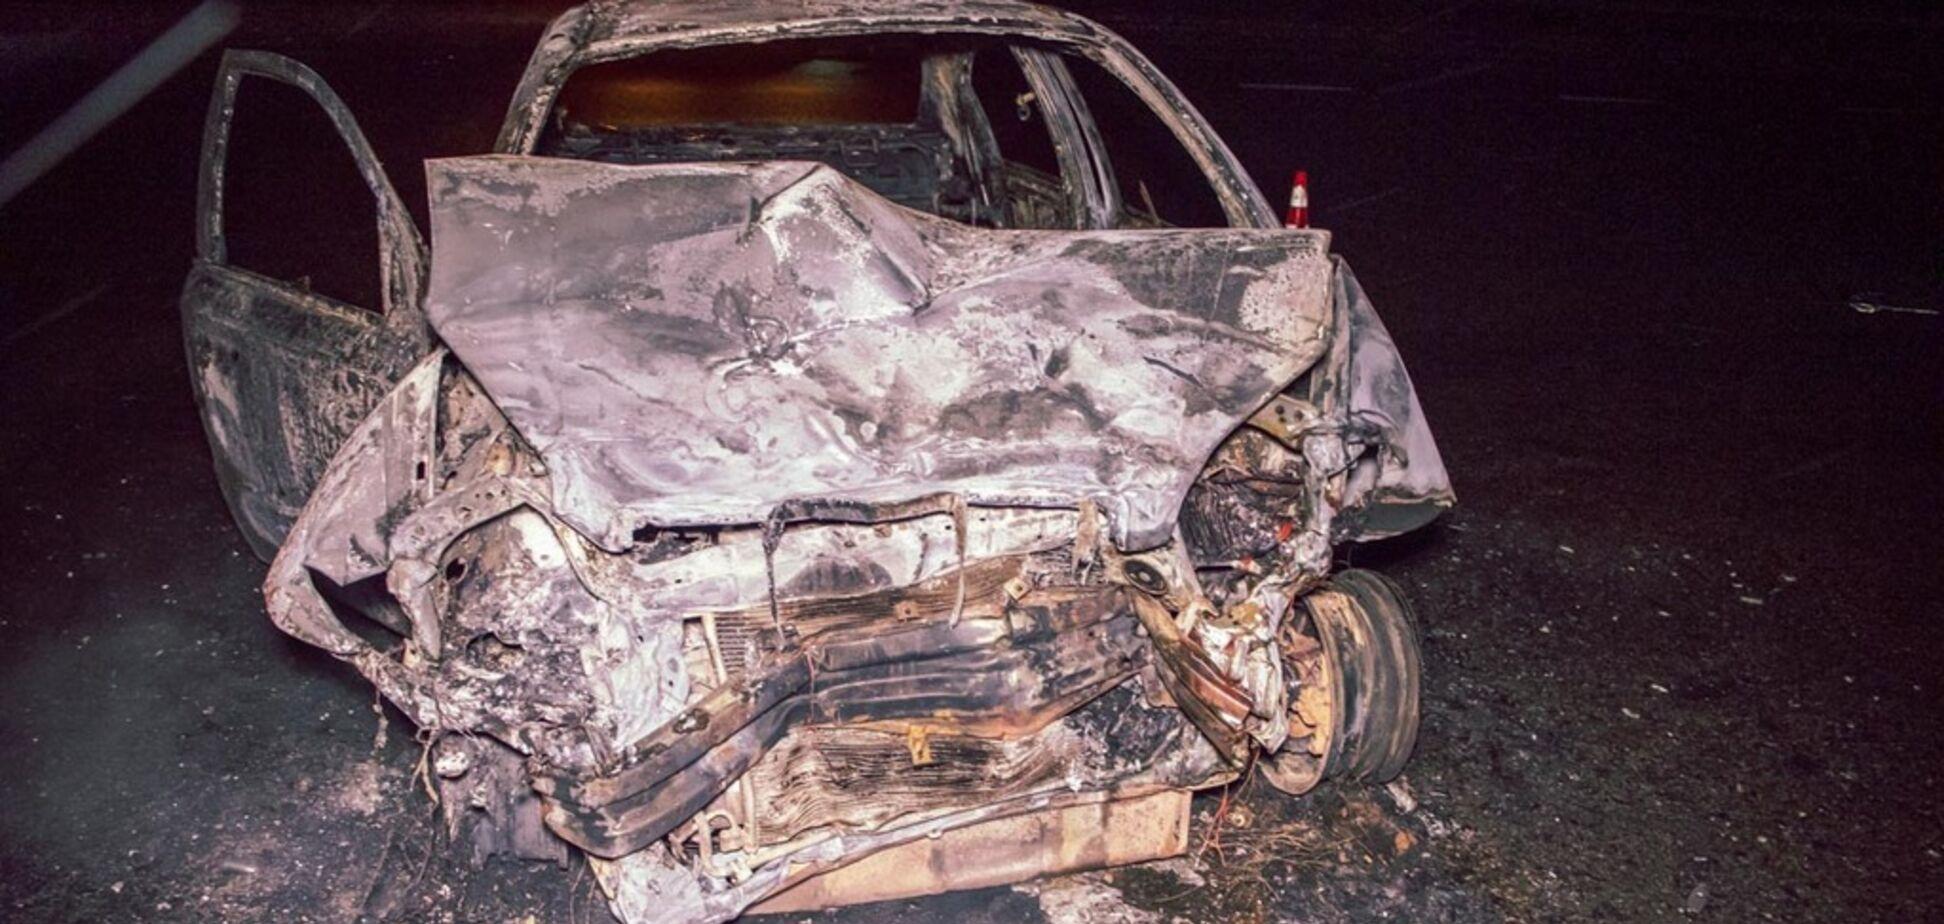 Авто згоріло дотла: під Києвом трапилася страшна ДТП. Фото і відео